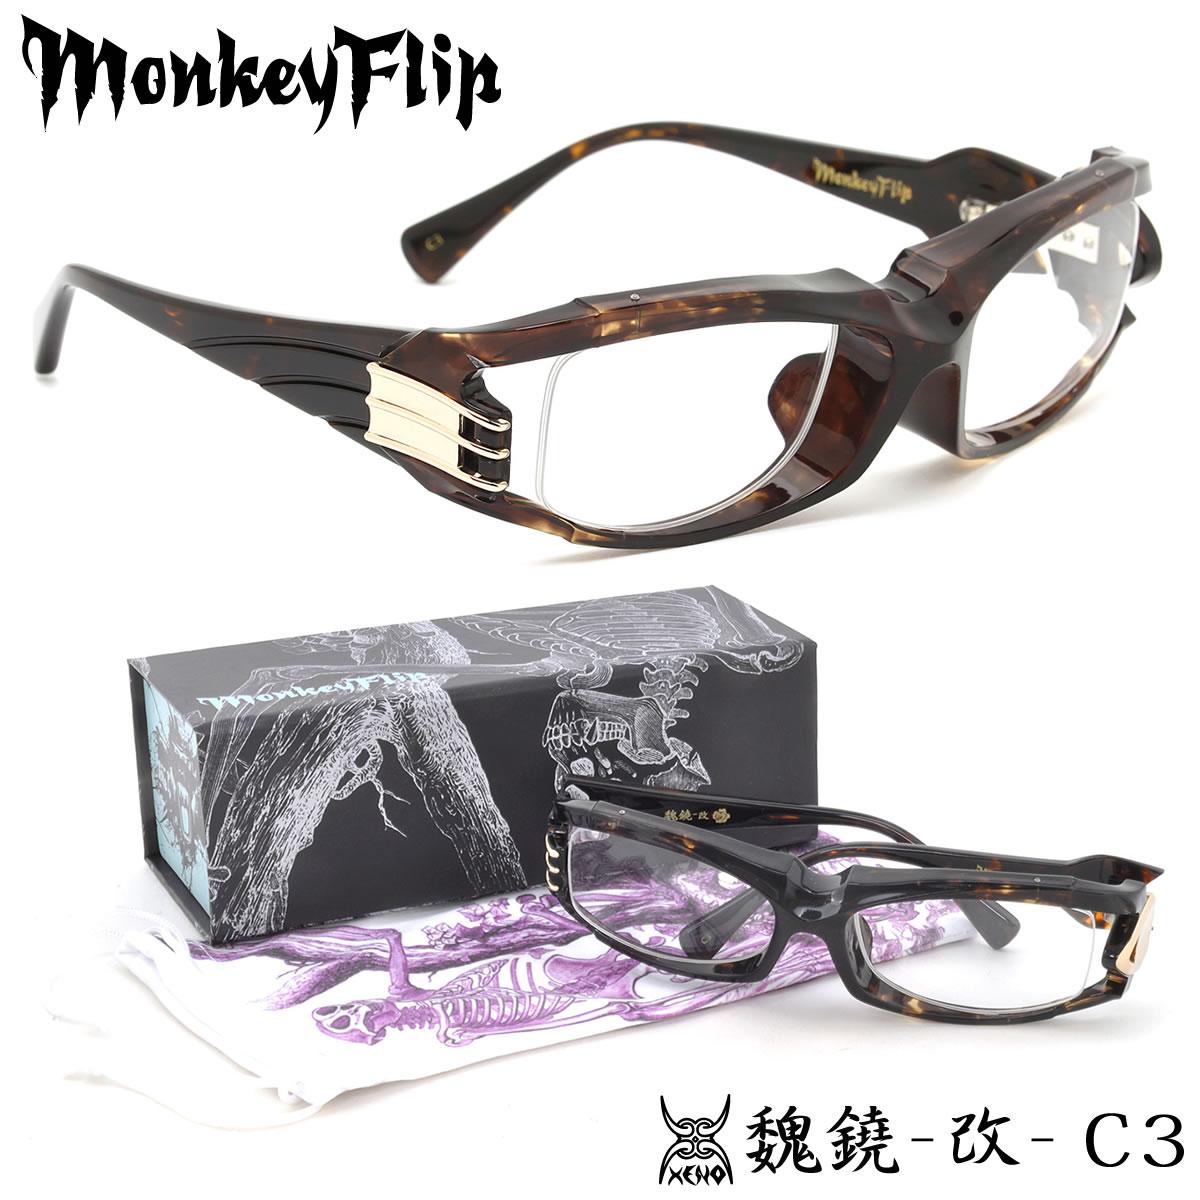 【Monkey Flip】(モンキーフリップ) メガネ 魏鐃改 C3 61サイズ 魏鐃-改- XENO ギドラカイ ゼノ モンキーフリップ MonkeyFlip メンズ レディース